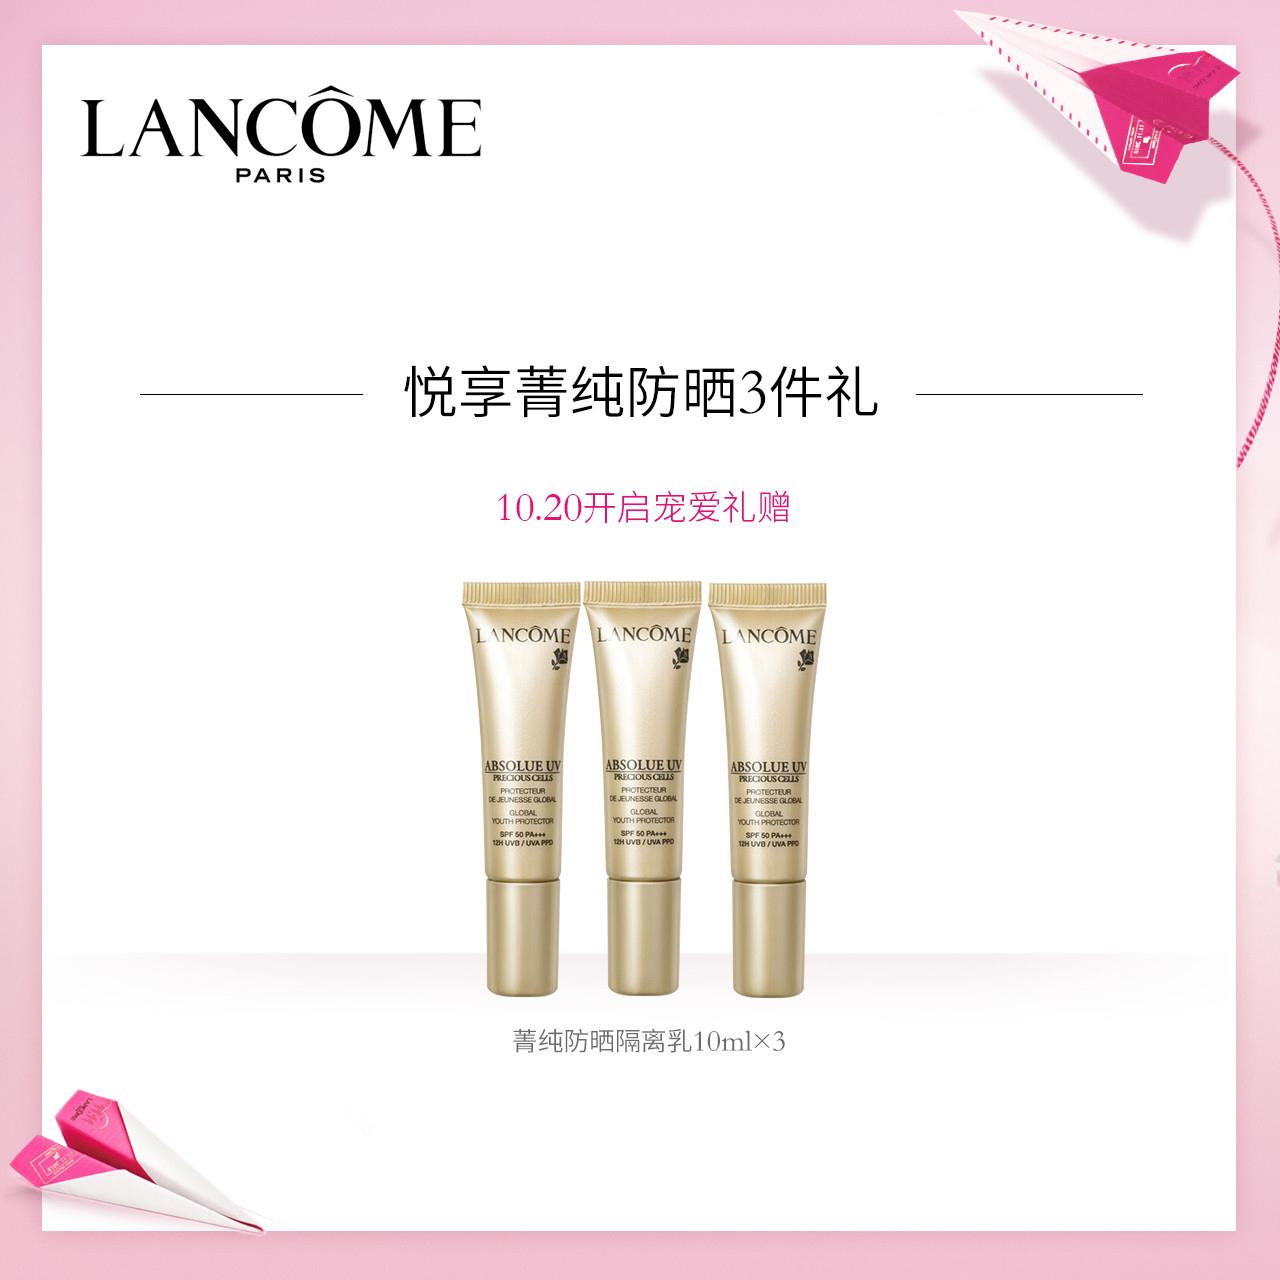 防护 UV 保湿 SPF50 50ml 兰蔻菁纯臻颜防晒隔离乳 预售 11.11